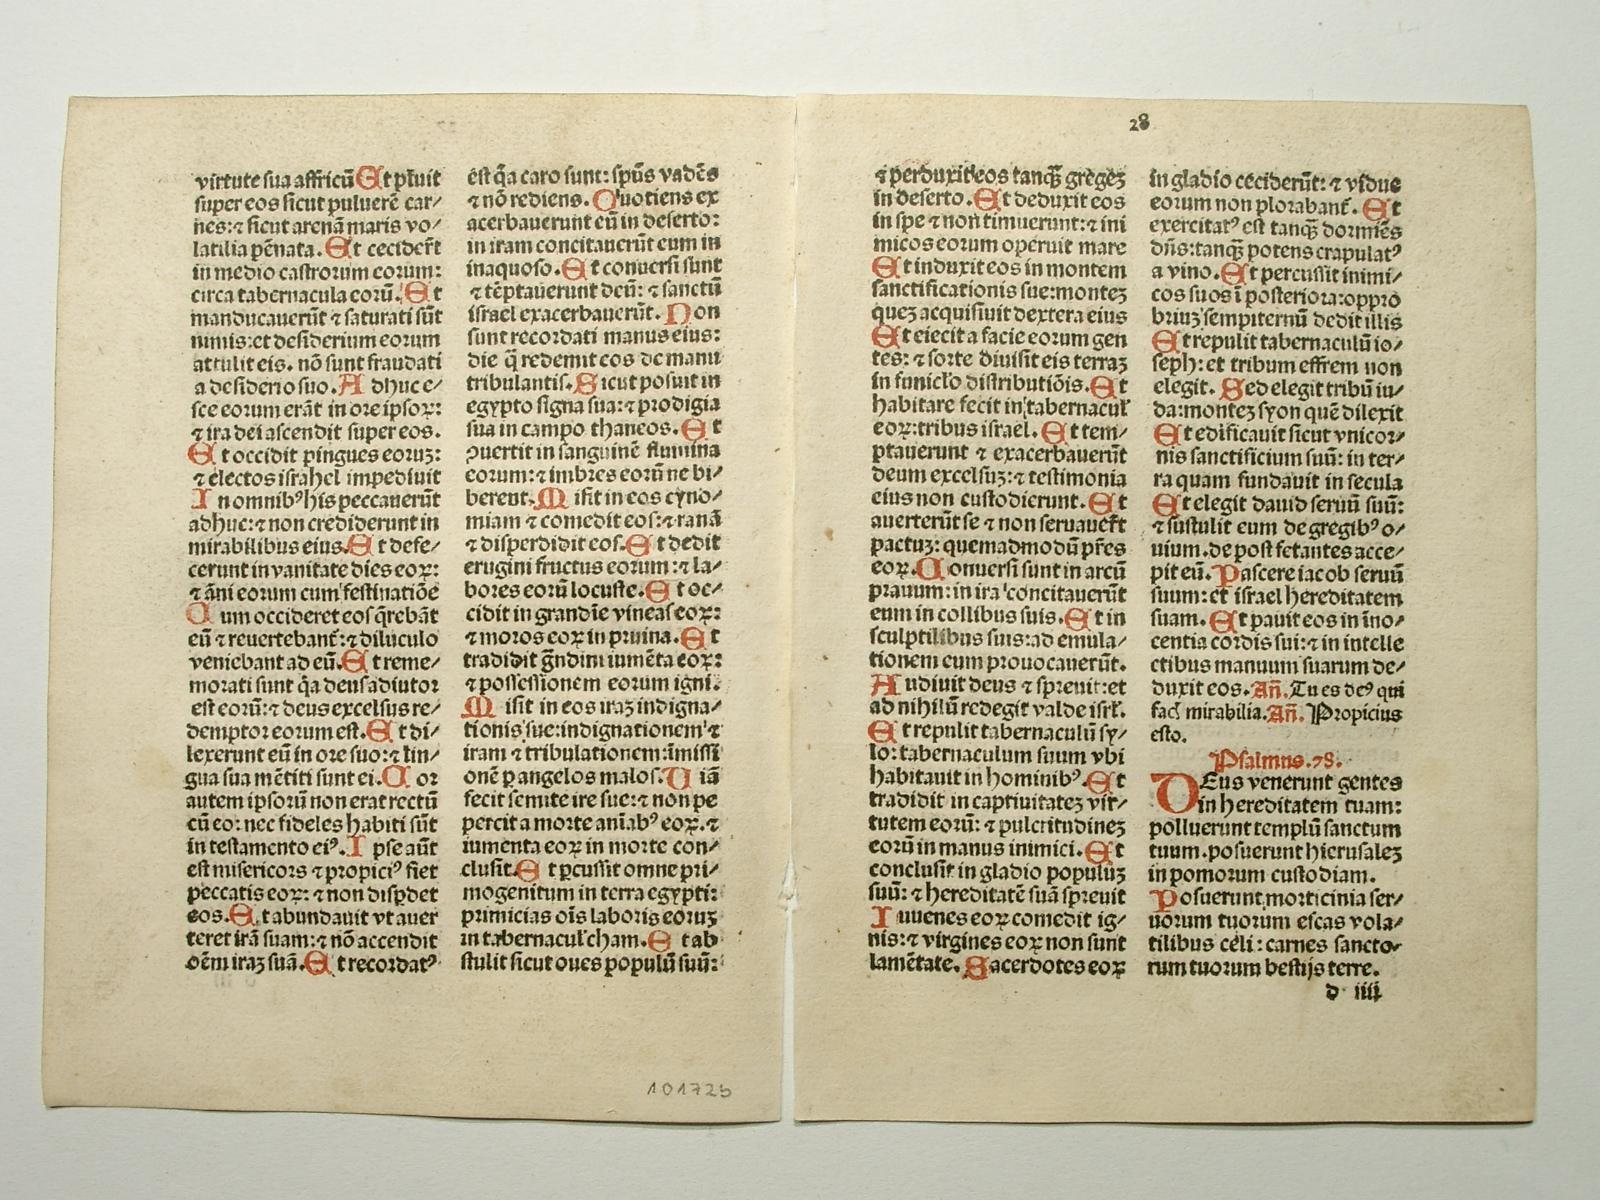 Breviarium Augustanum. Blatt 27 und 28. (GW